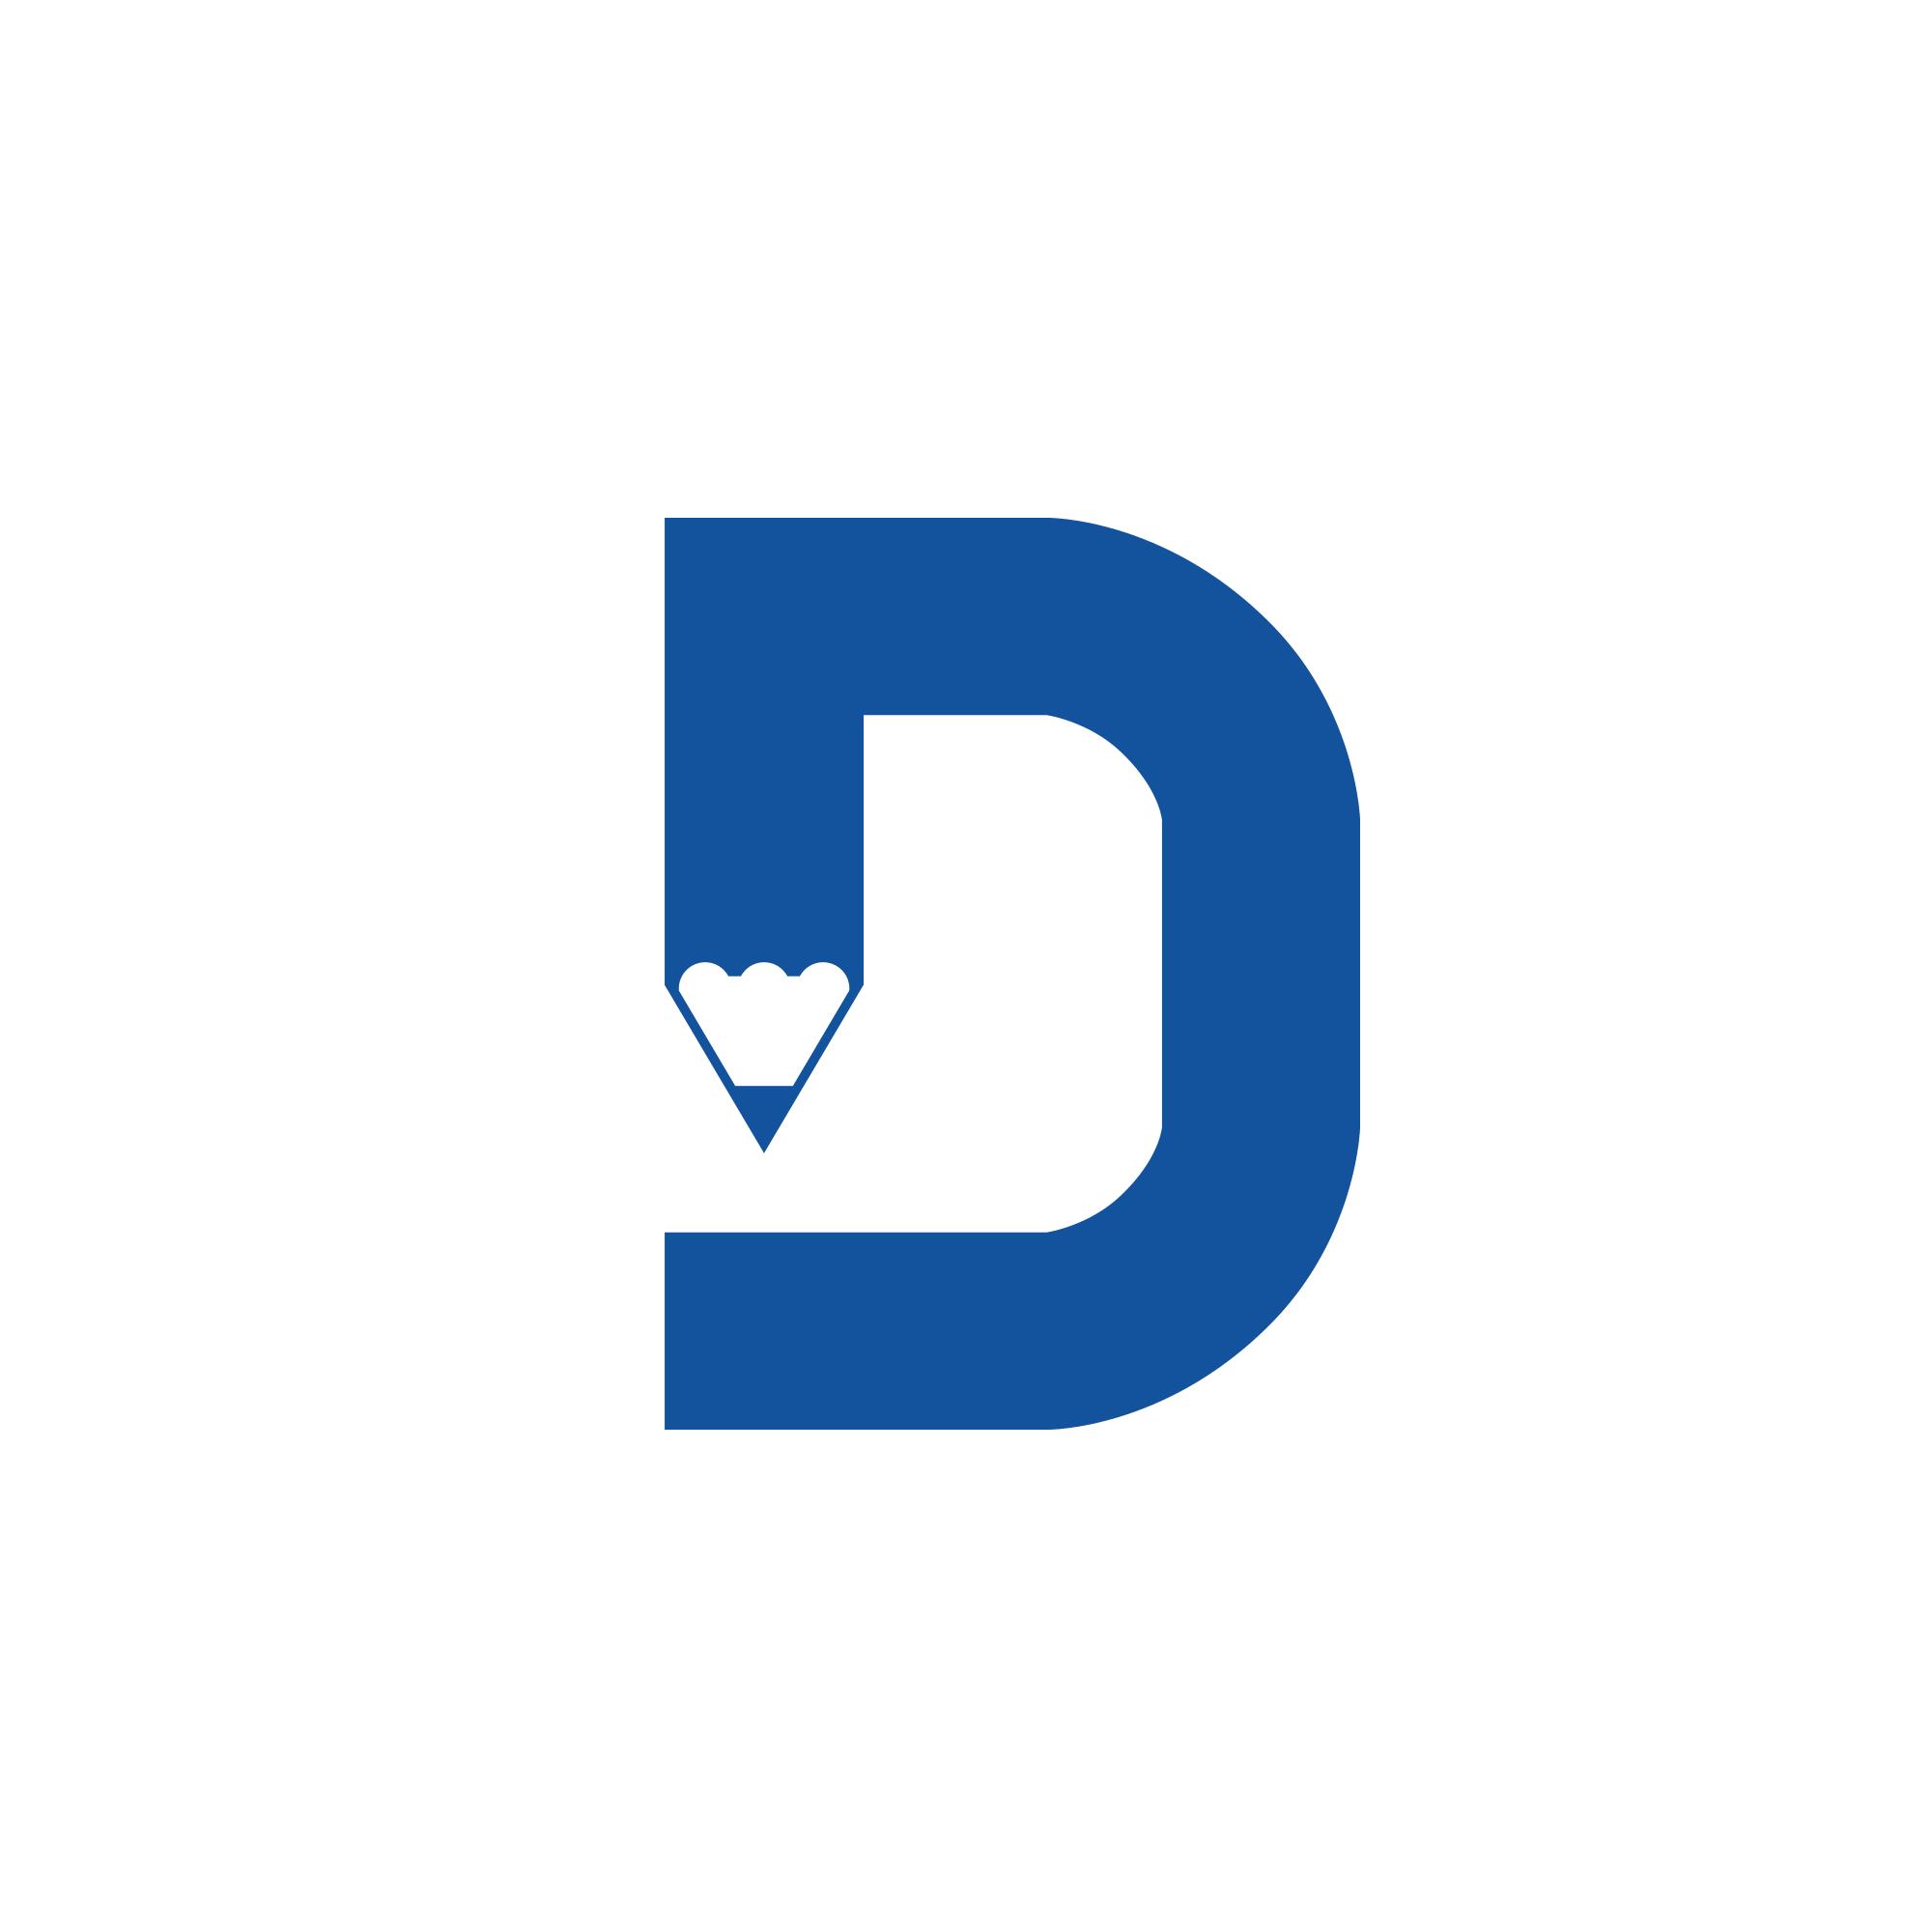 Delano Boer Logo Netherlands In 2021 Letter Logo Letter D Lettering